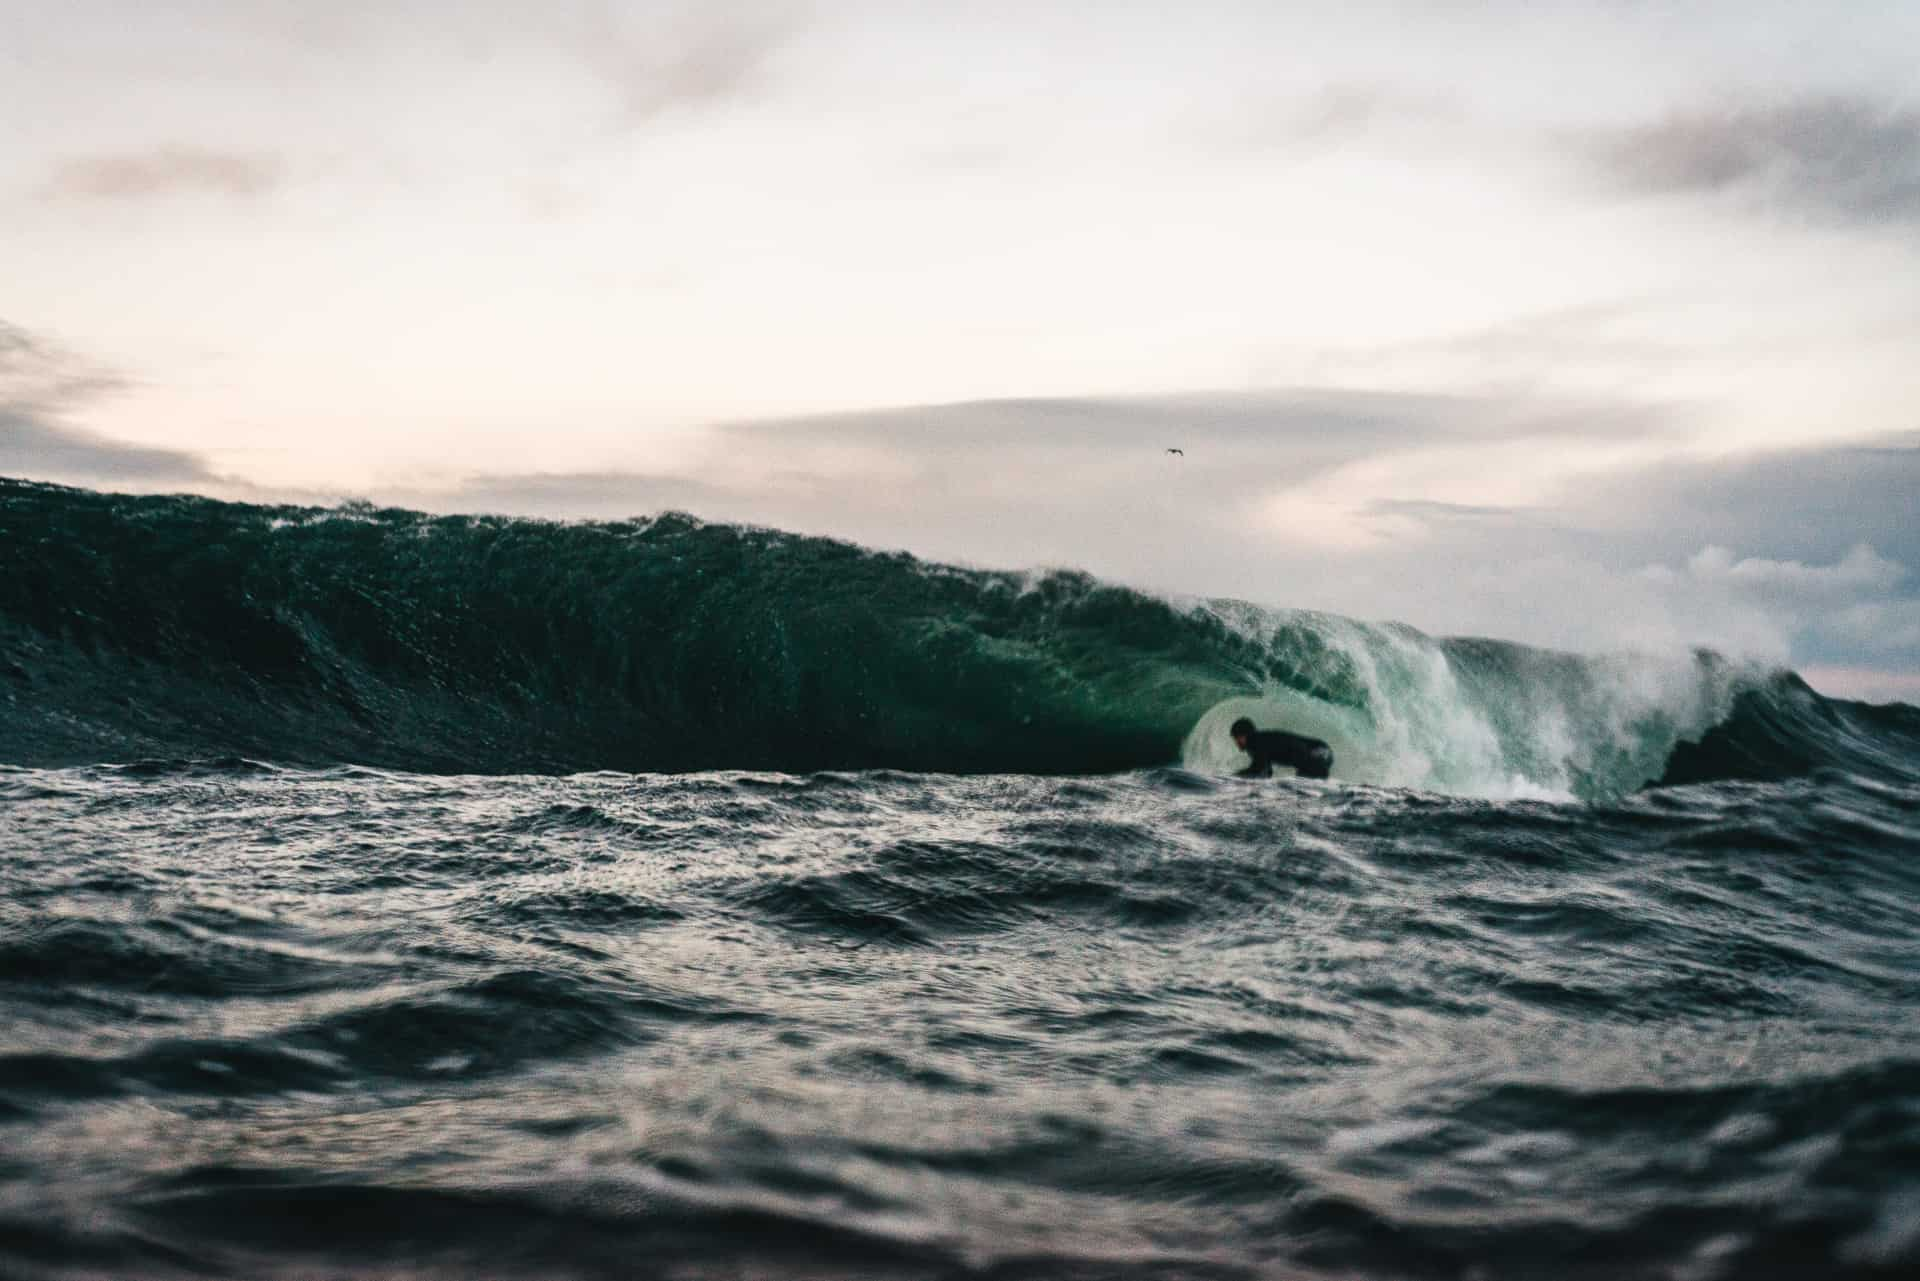 Mats Kahlström - November, Østlandet, Den eneste bølgen på 2h i vannet, Joel satser hardt og får straks smake på litt granitt.